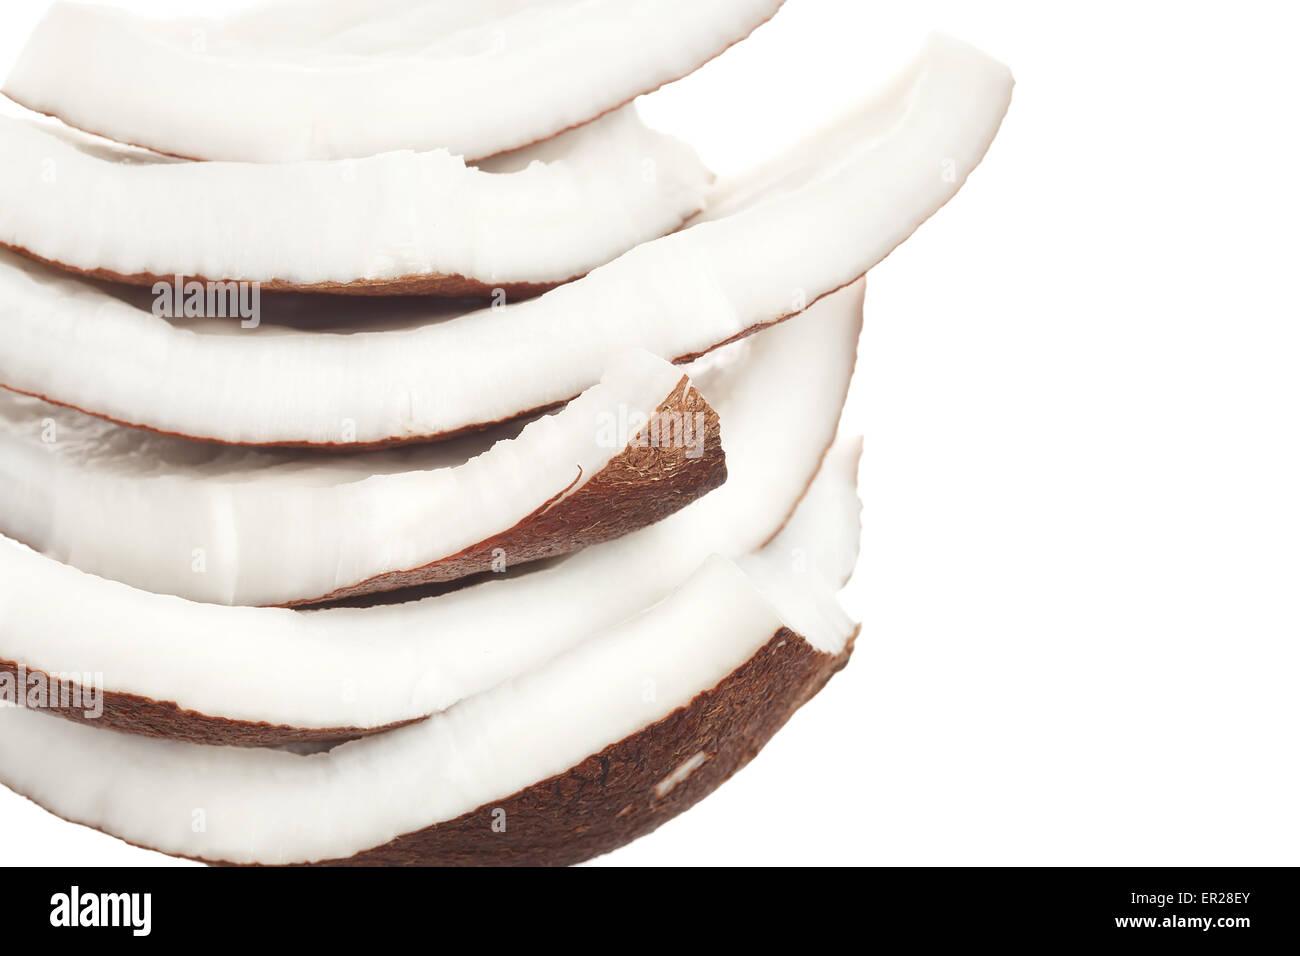 Kokosmilch Essen Zutat weißen Hintergrund isoliert frische Natur gesund Stockbild